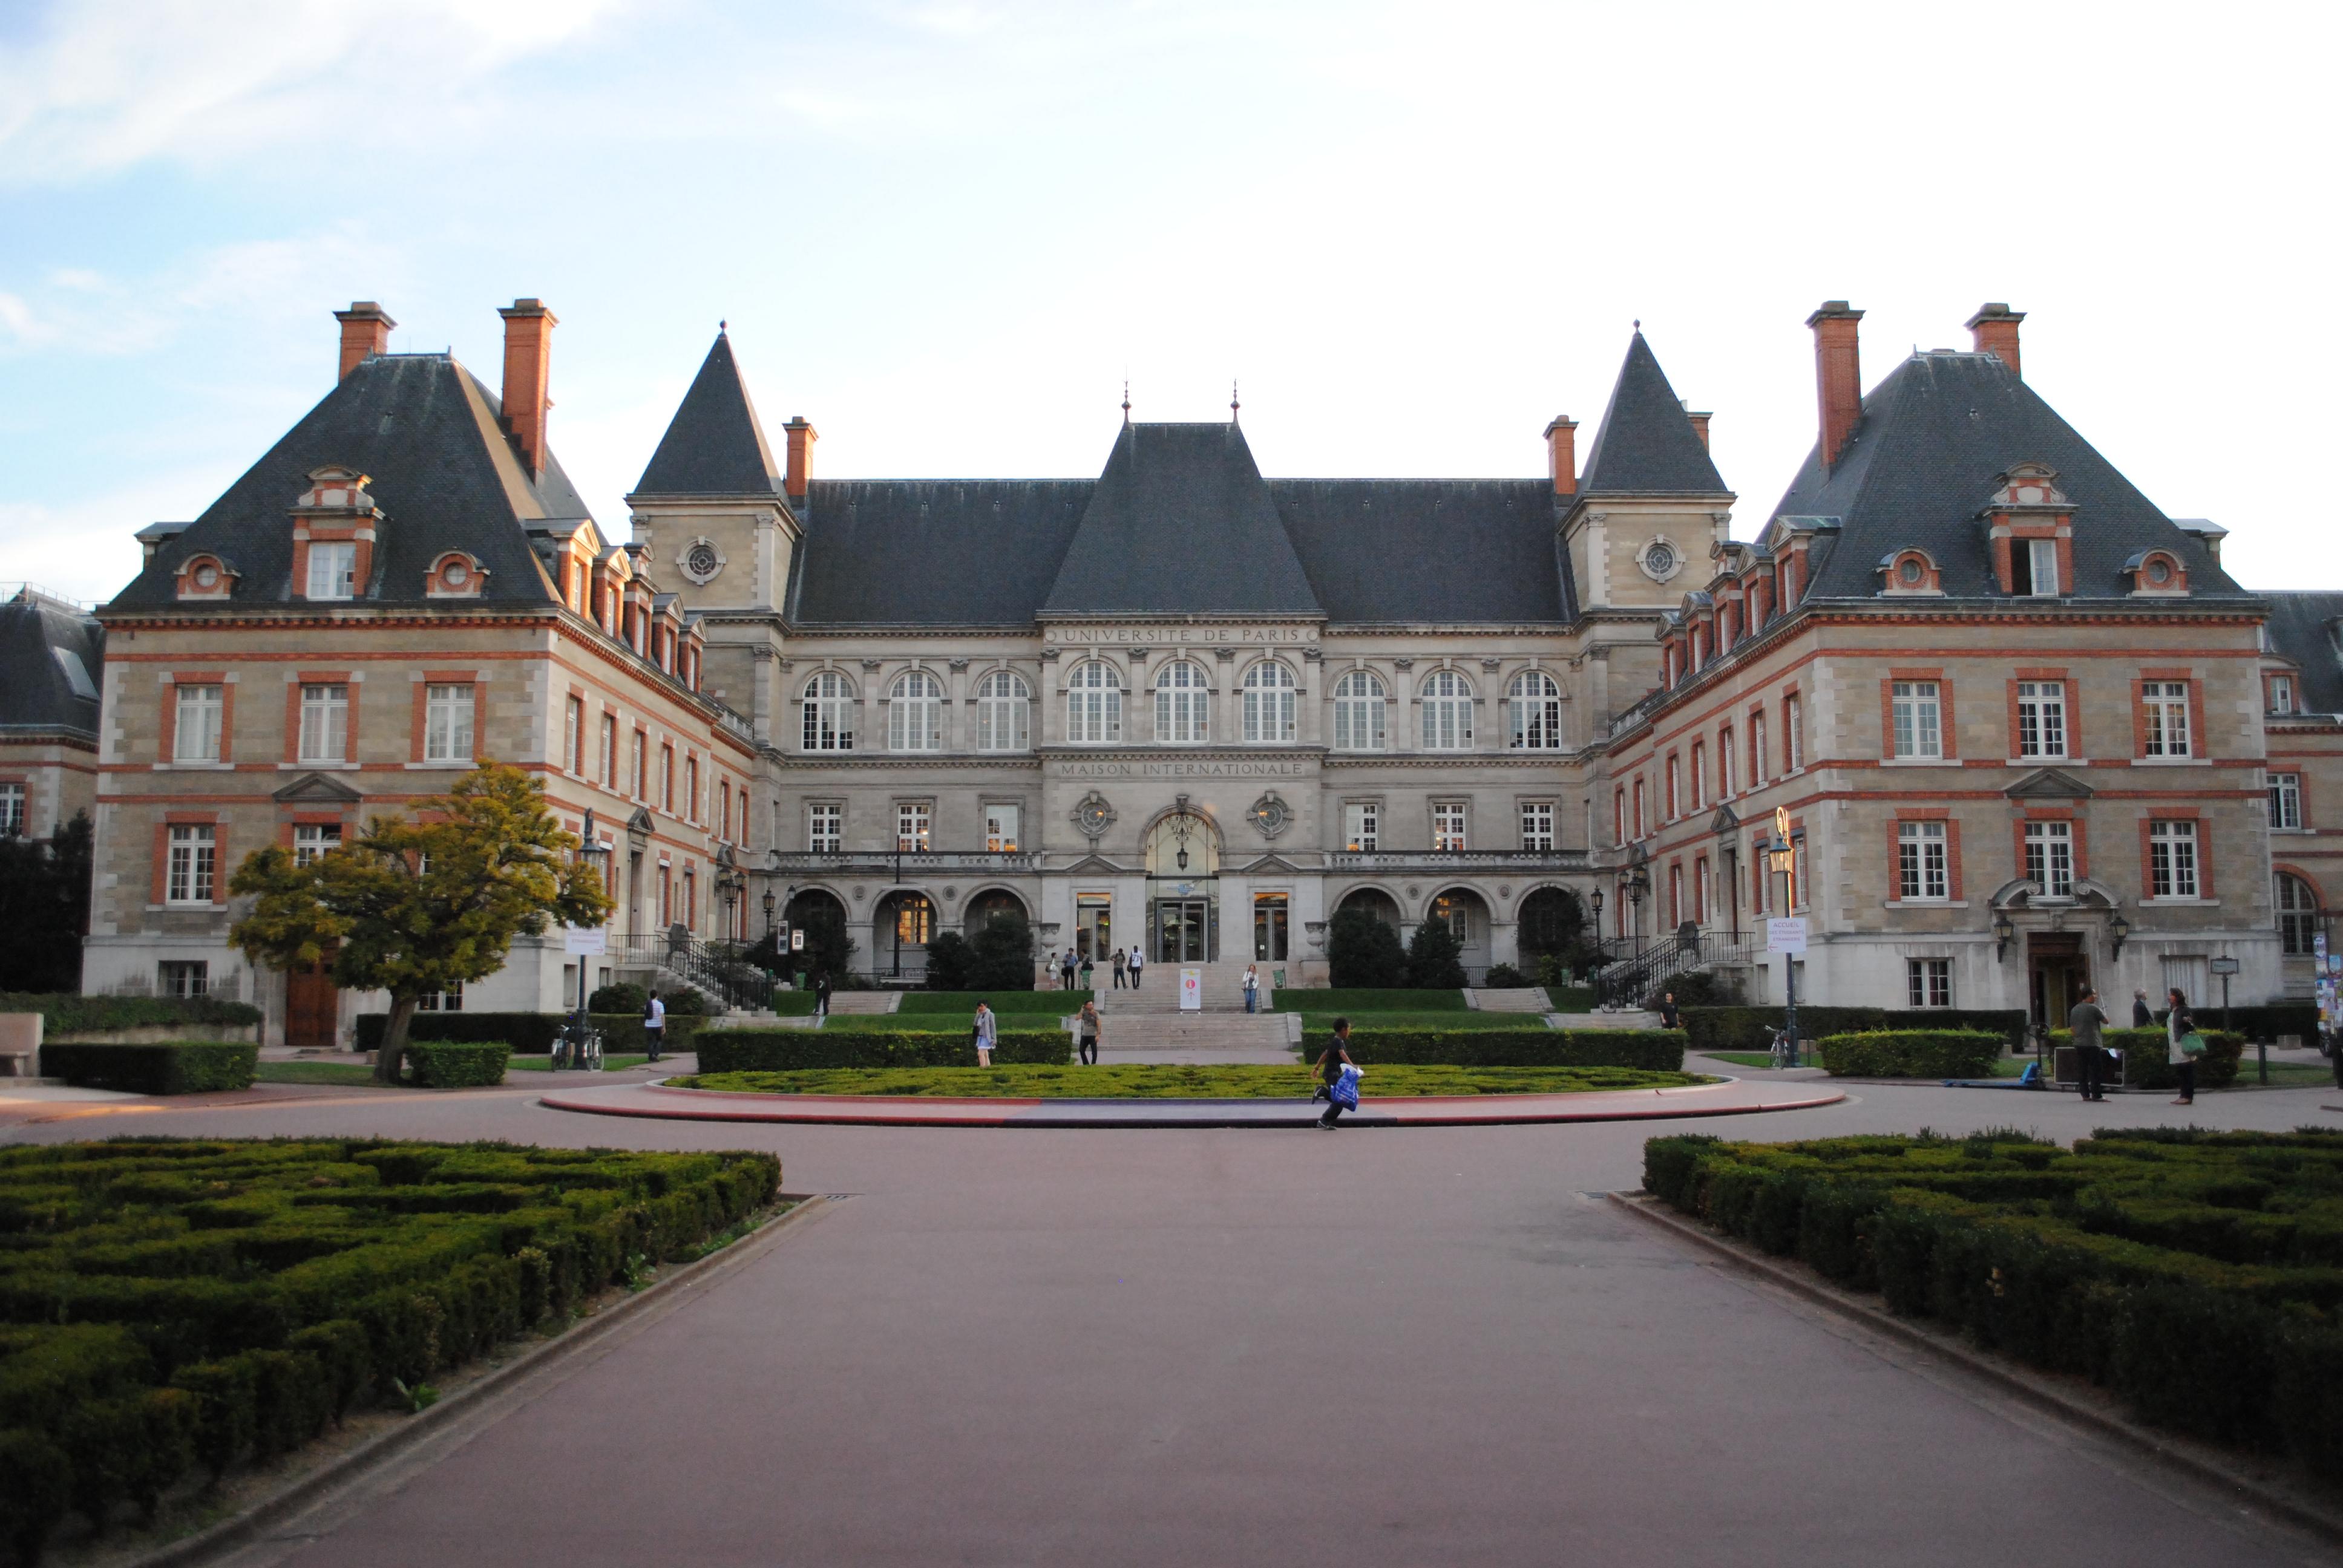 La Maison De La Suede cité internationale universitaire de paris - wikipedia